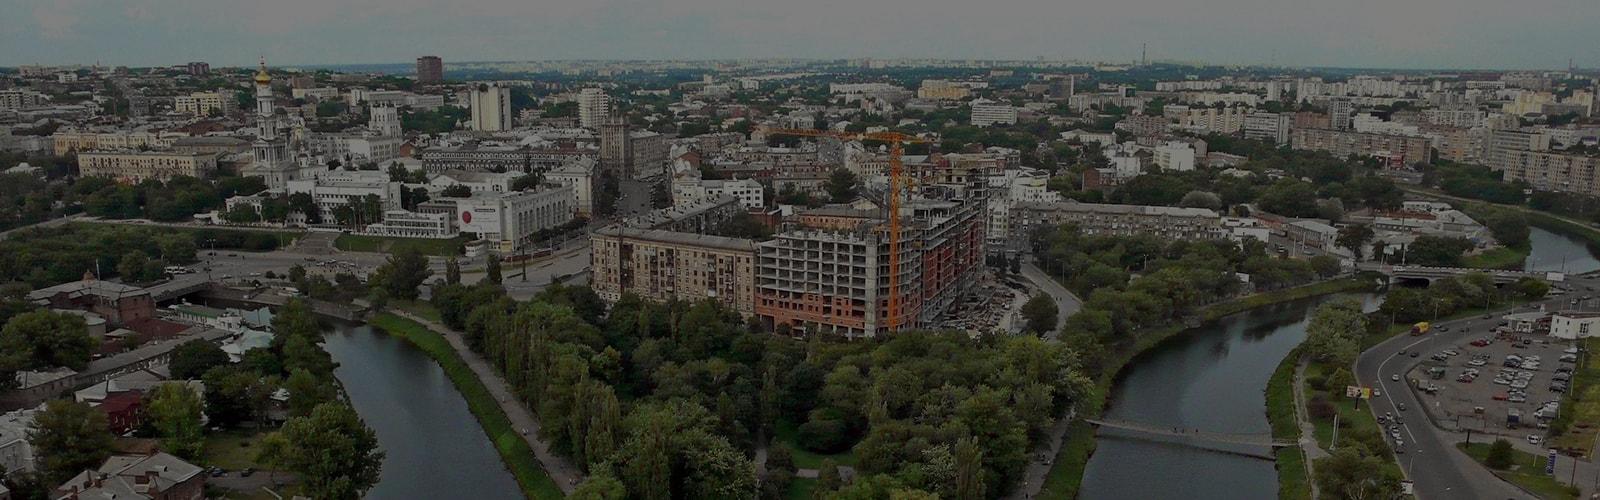 Отдых в Харькове: сколько и почему?